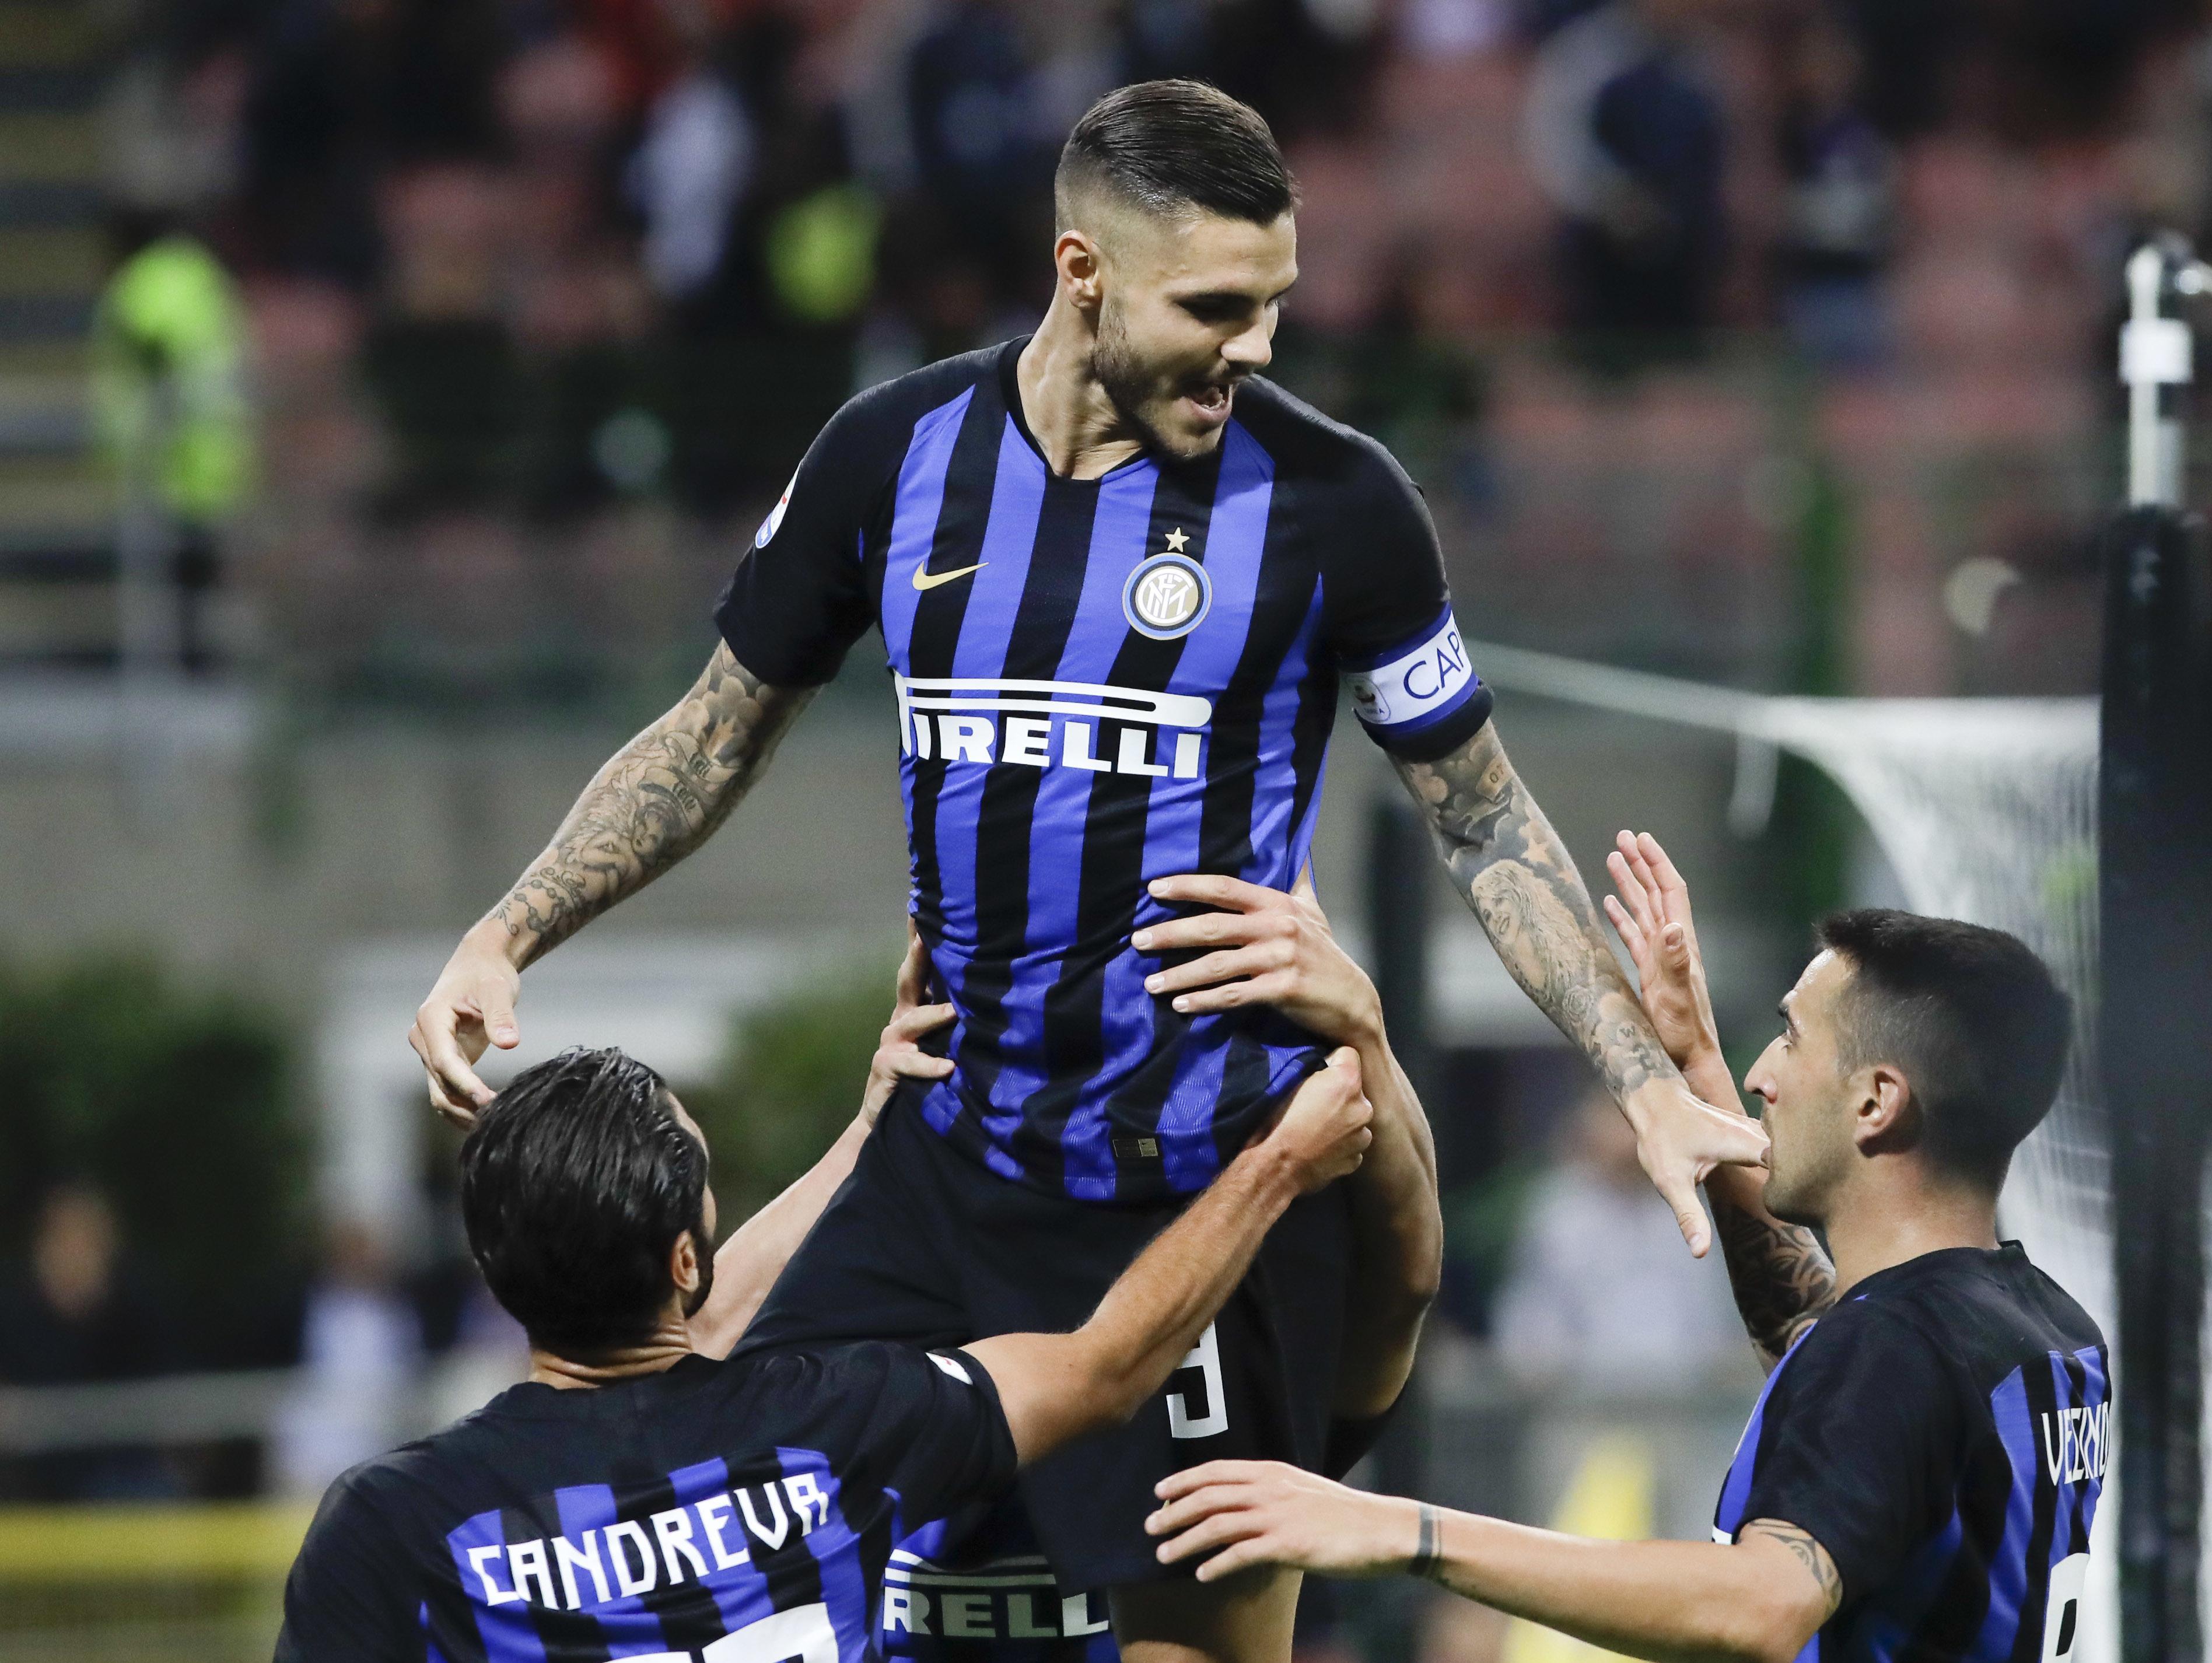 איטליה: אינטר ניצחה 1:2 את פיורנטינה והתקרבה אל הצמרת